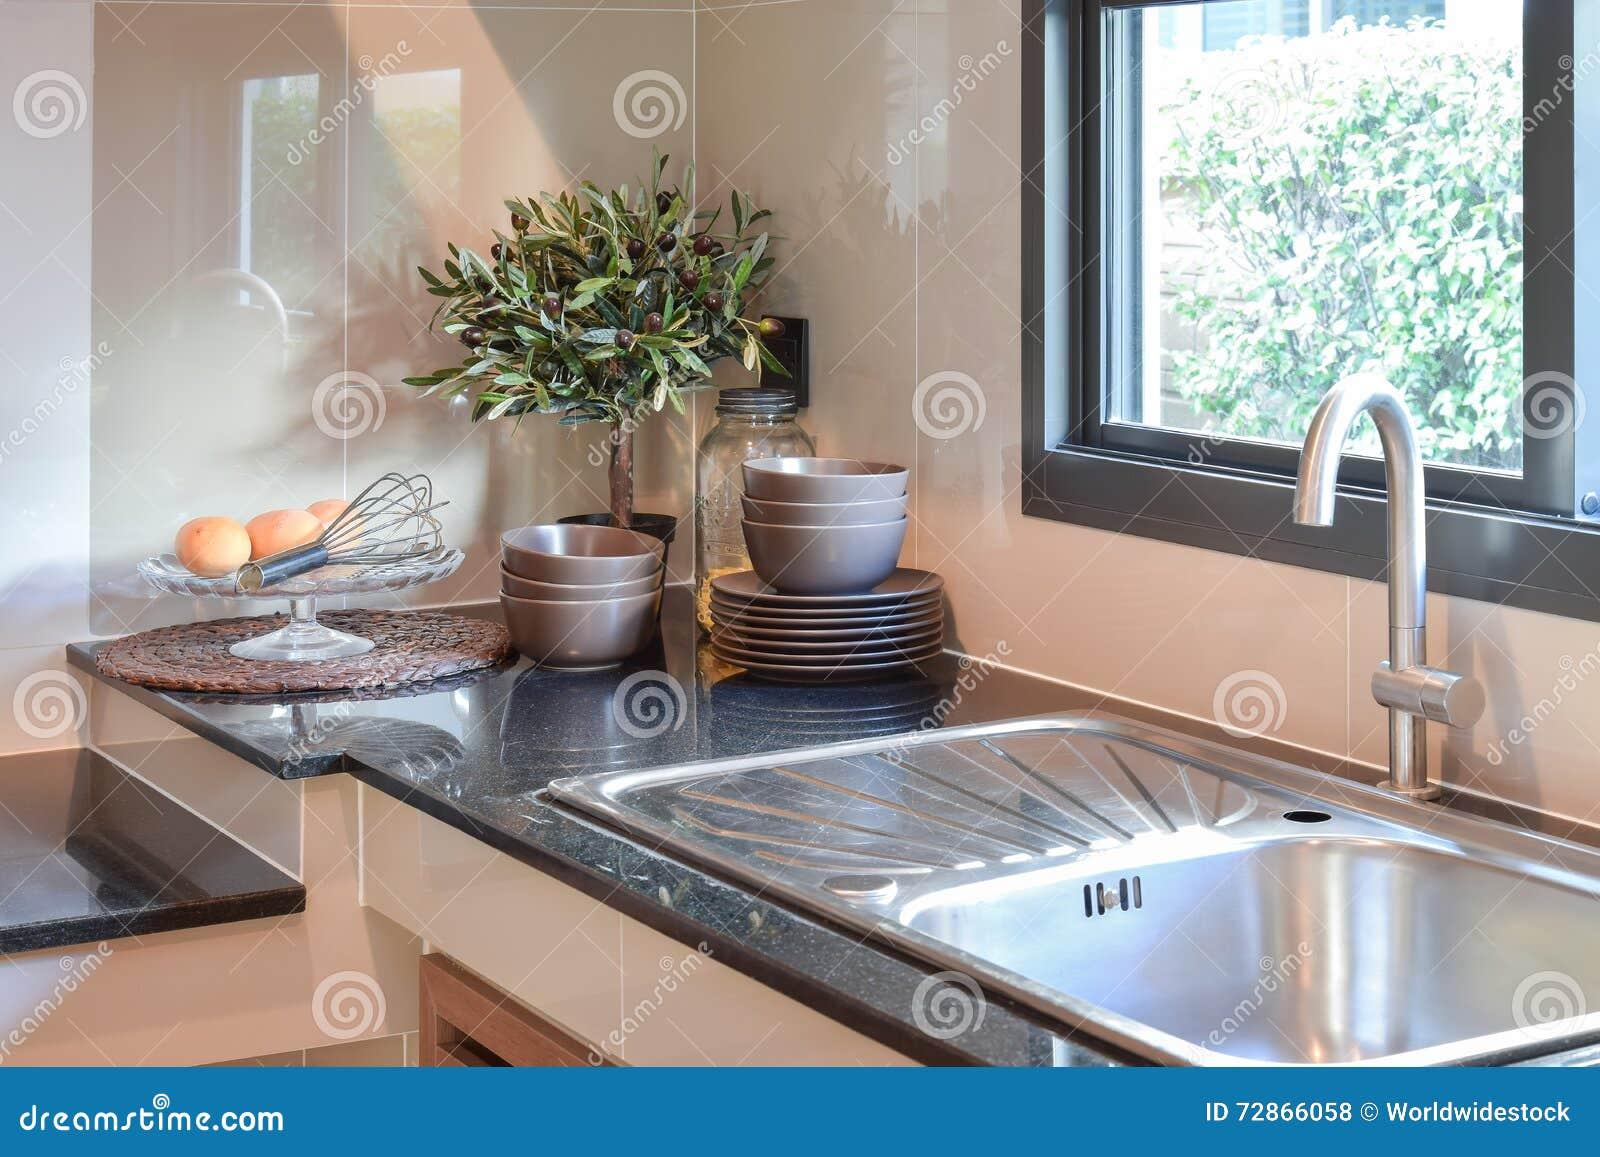 Ceramique Plan De Travail vaisselle de cuisine en céramique sur le plan de travail et